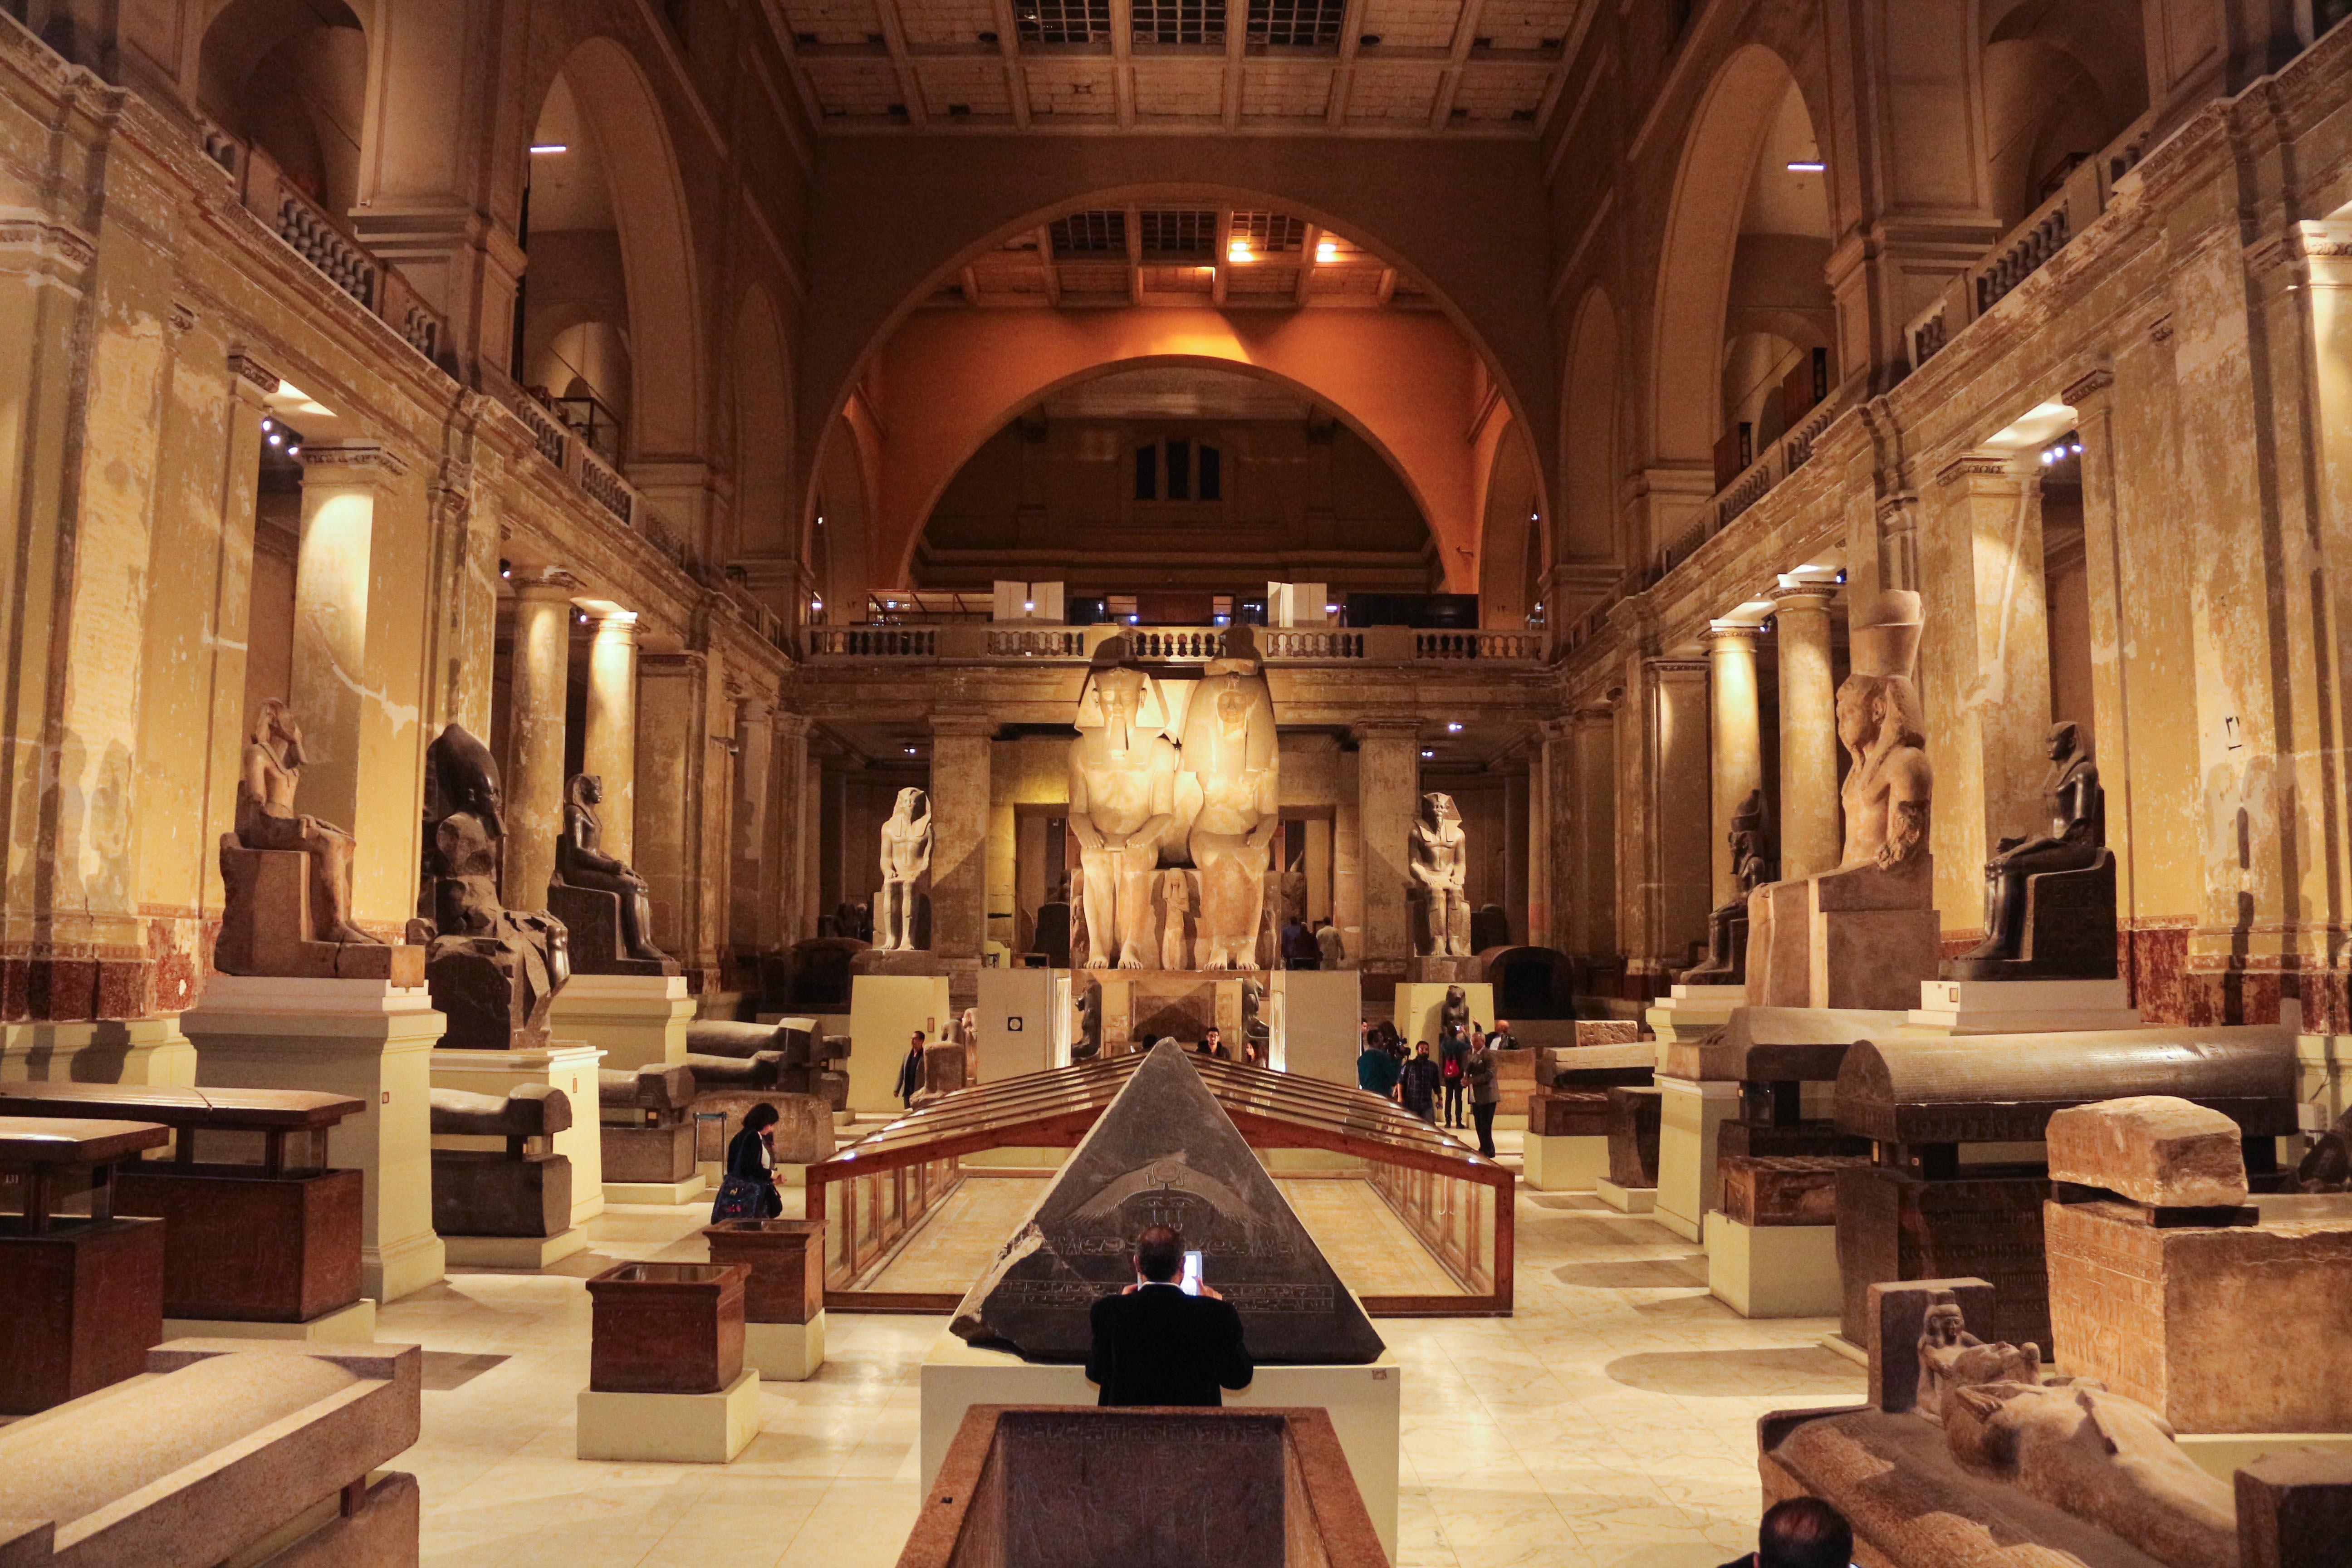 المتحف المصري بالتحرير - تصوير: صديق البخشونجي